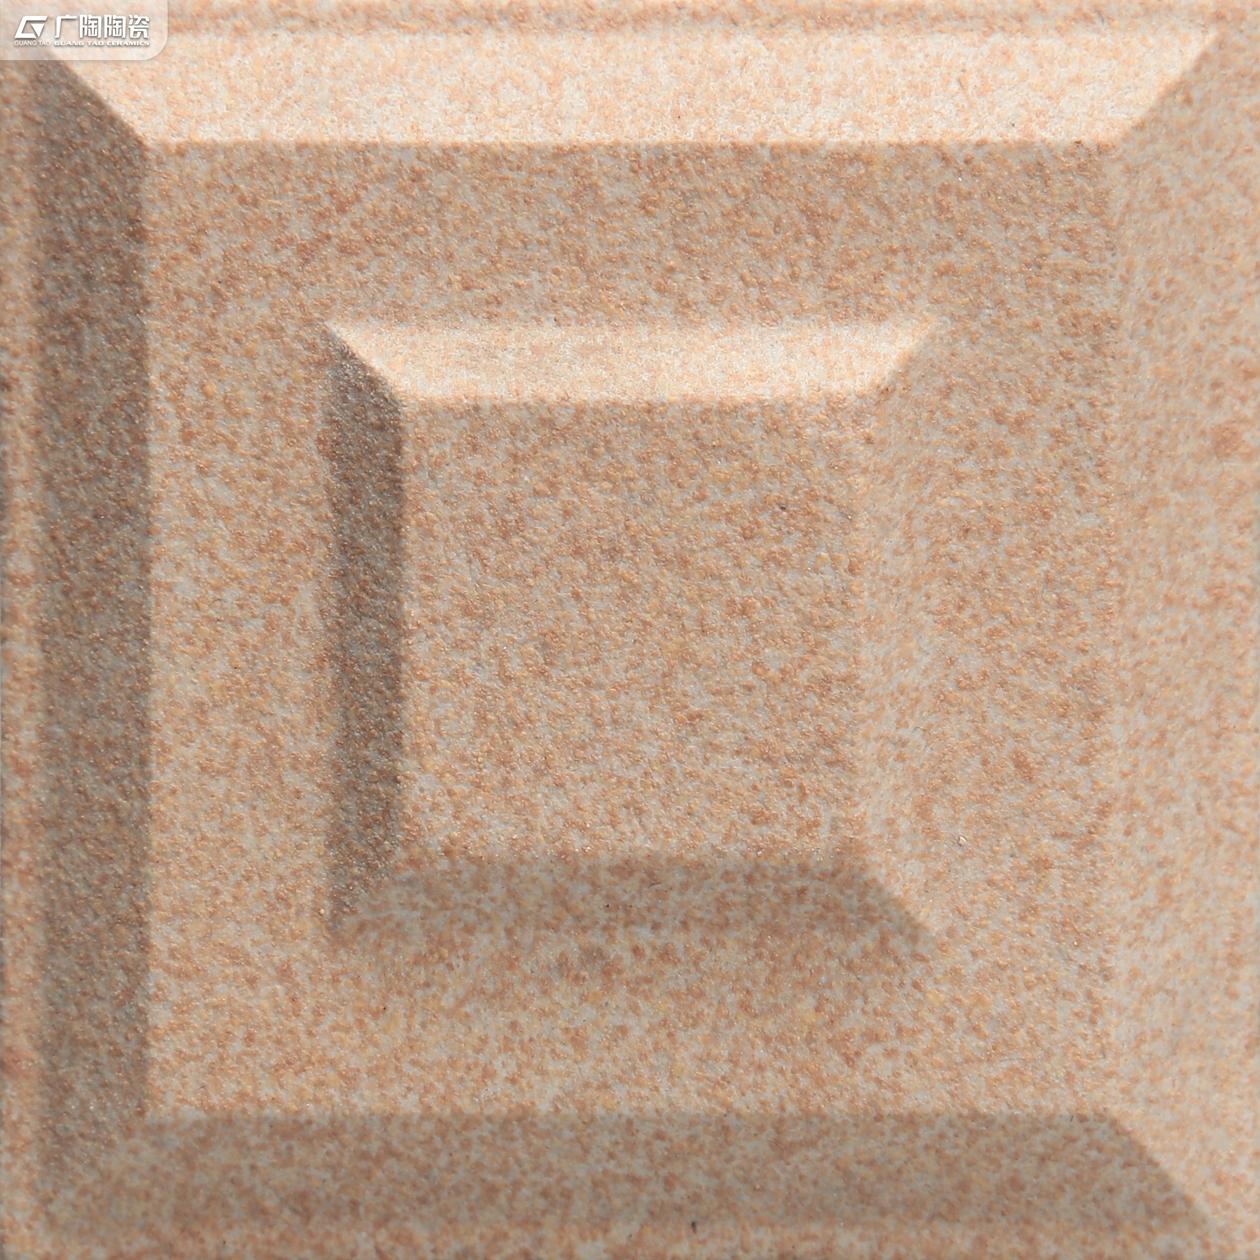 ZAE01A318D.jpg